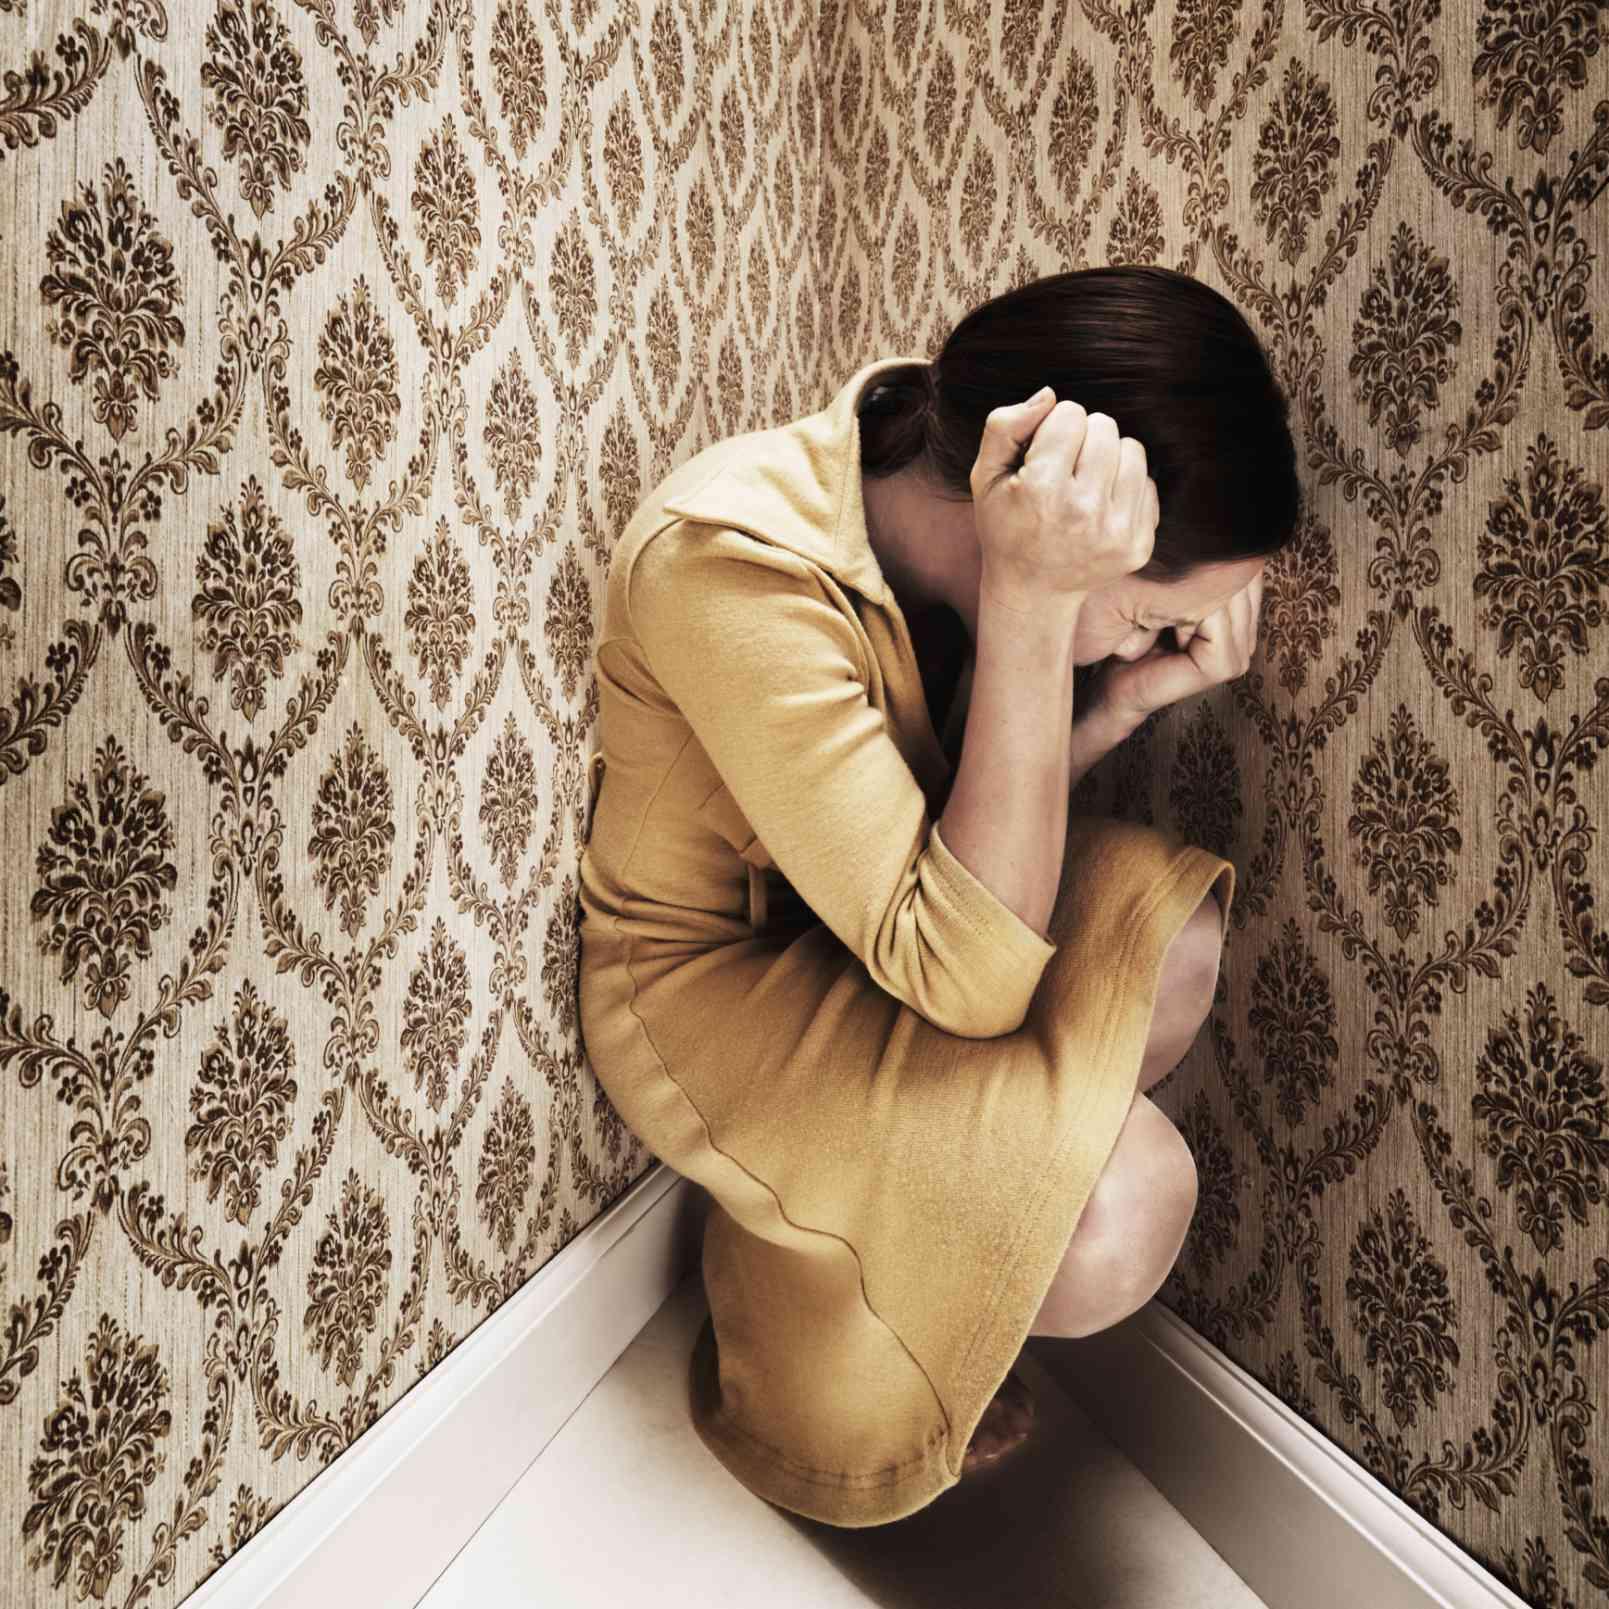 Депрессия - причины, симптомы, диагностика и лечение